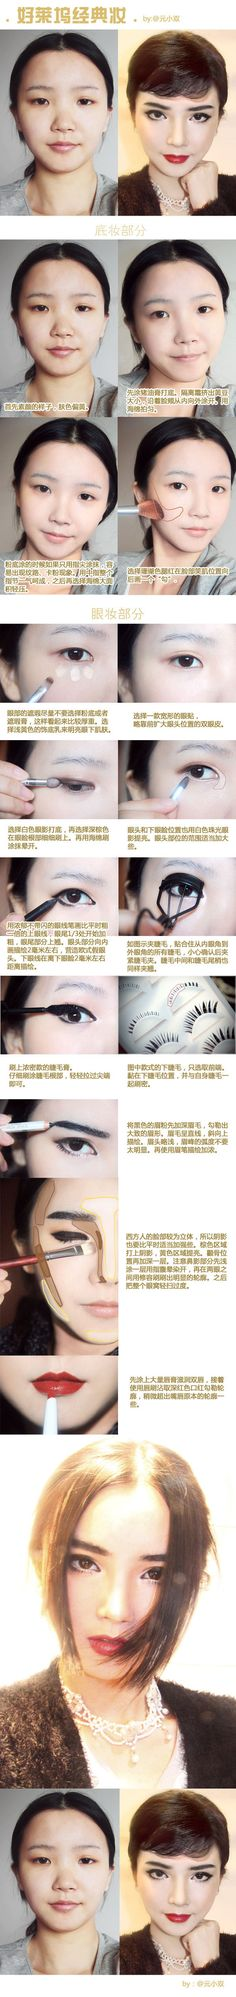 #makeup #asian